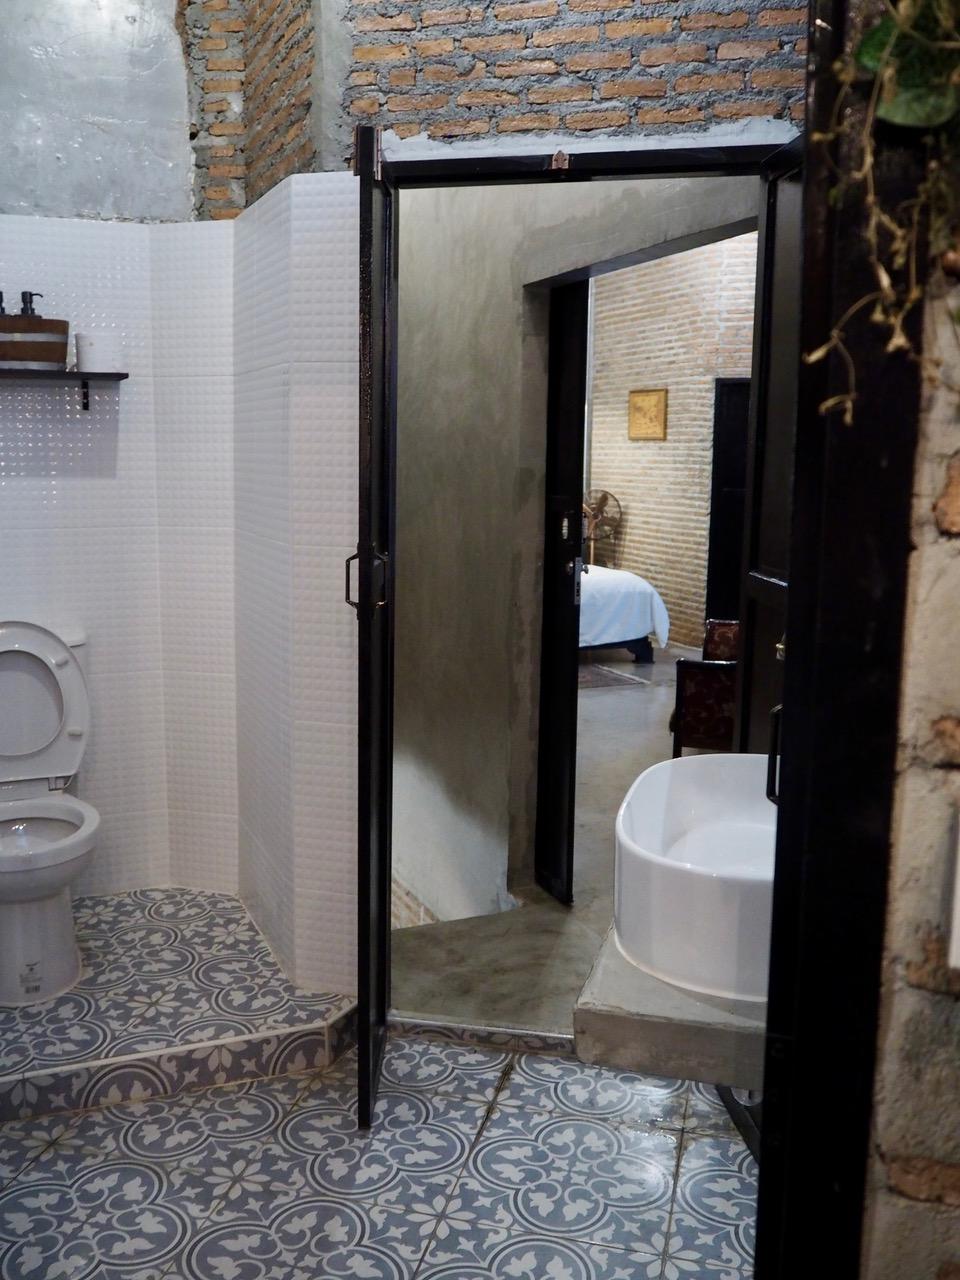 ห้องน้ำที่มีประตูเข้าได้สองด้าน